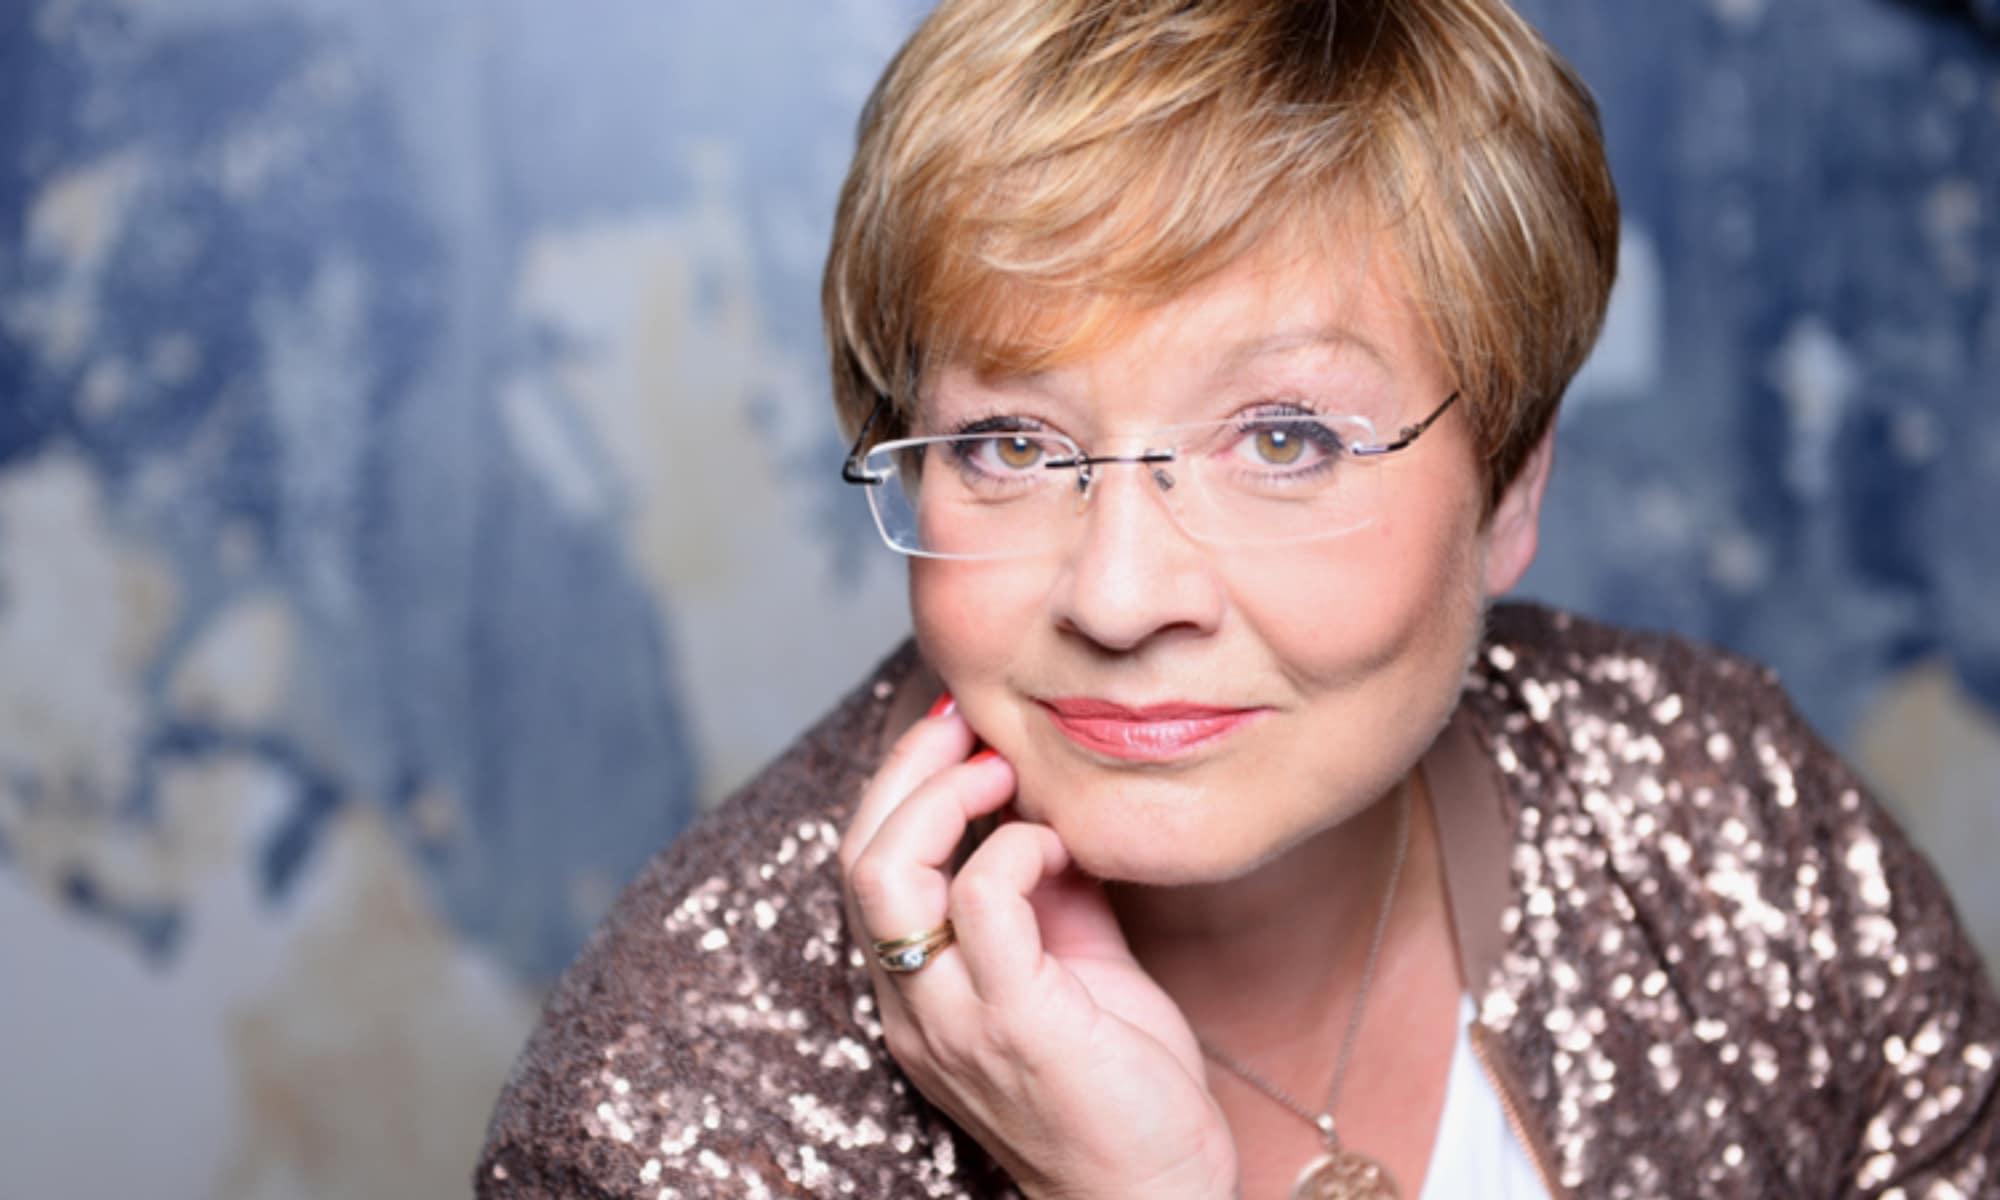 Autorenfoto Greta schneider